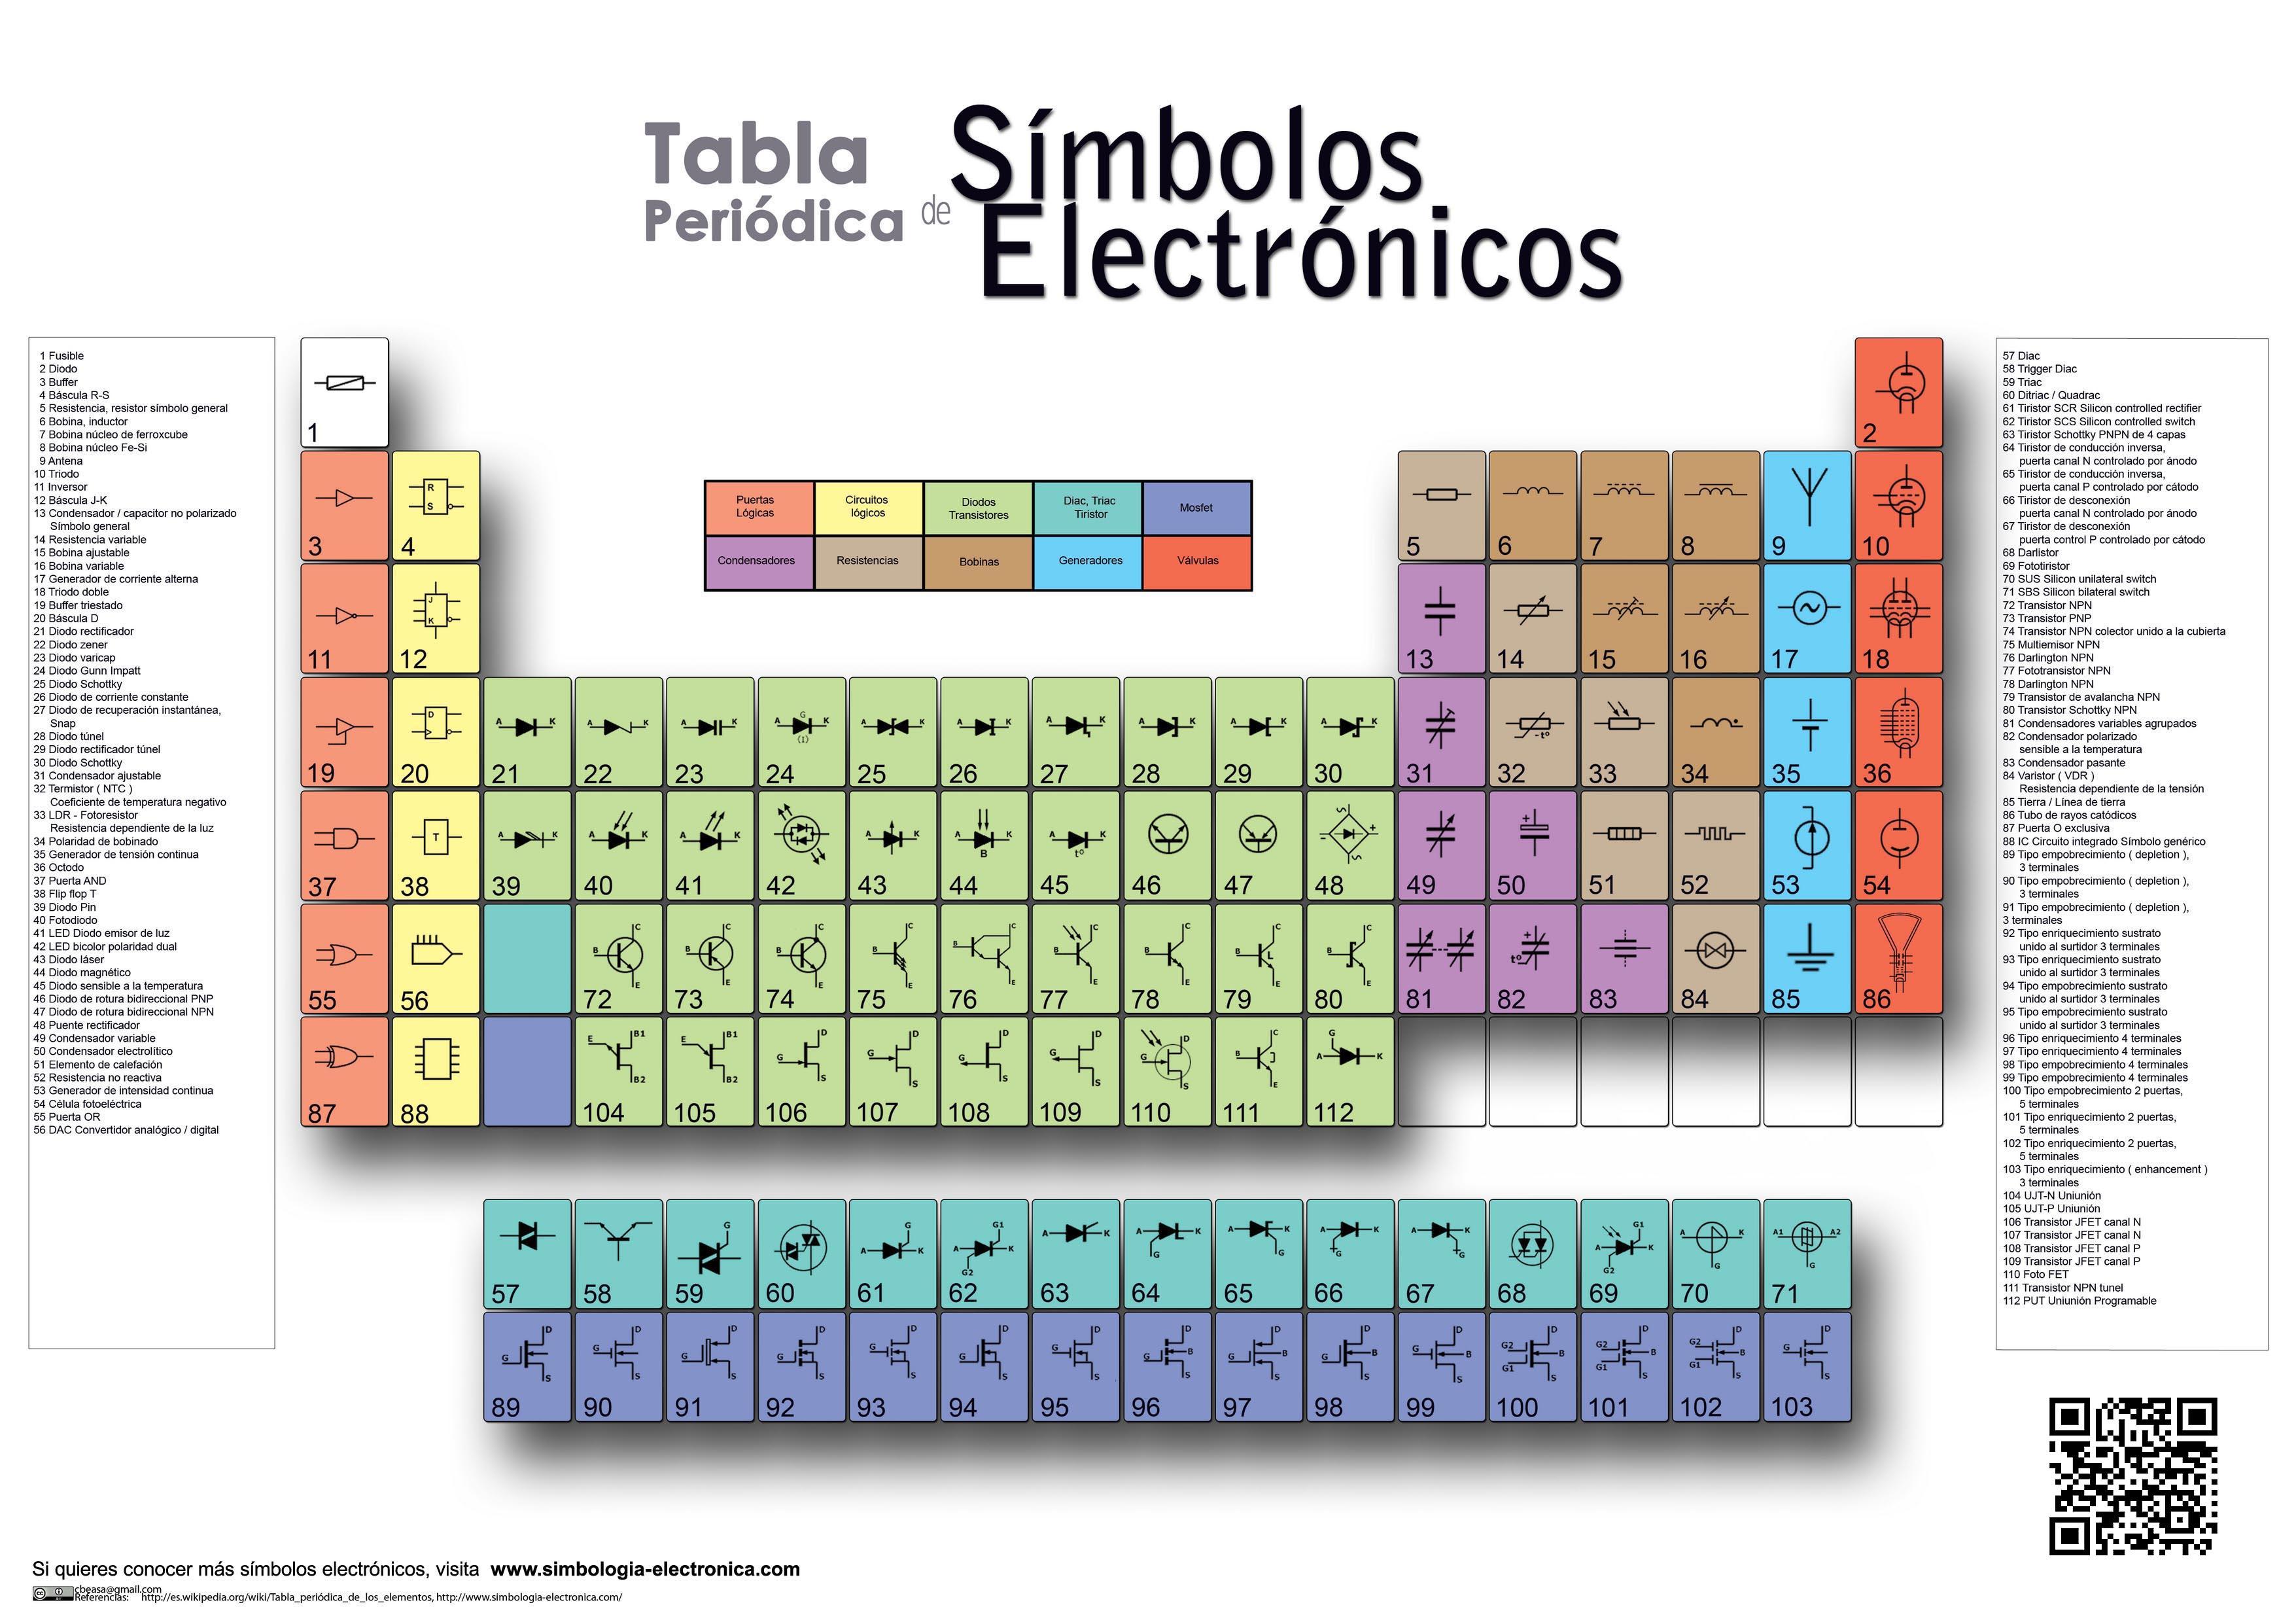 tabla peridica de smbolos electrnicos - Ver Una Tabla Periodica Completa